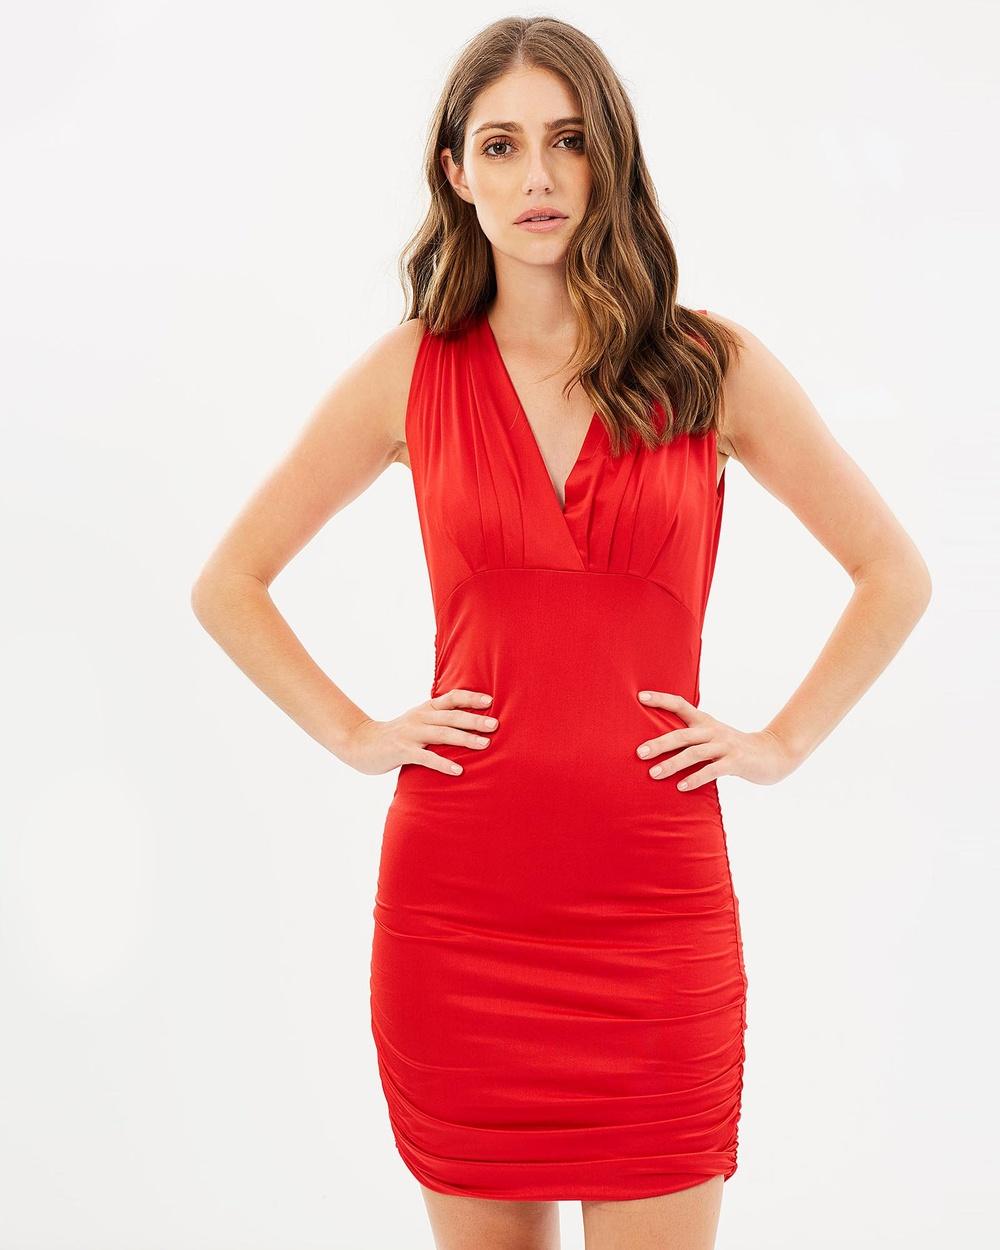 SKIVA Bodycon Mini Dress Dresses Red Bodycon Mini Dress